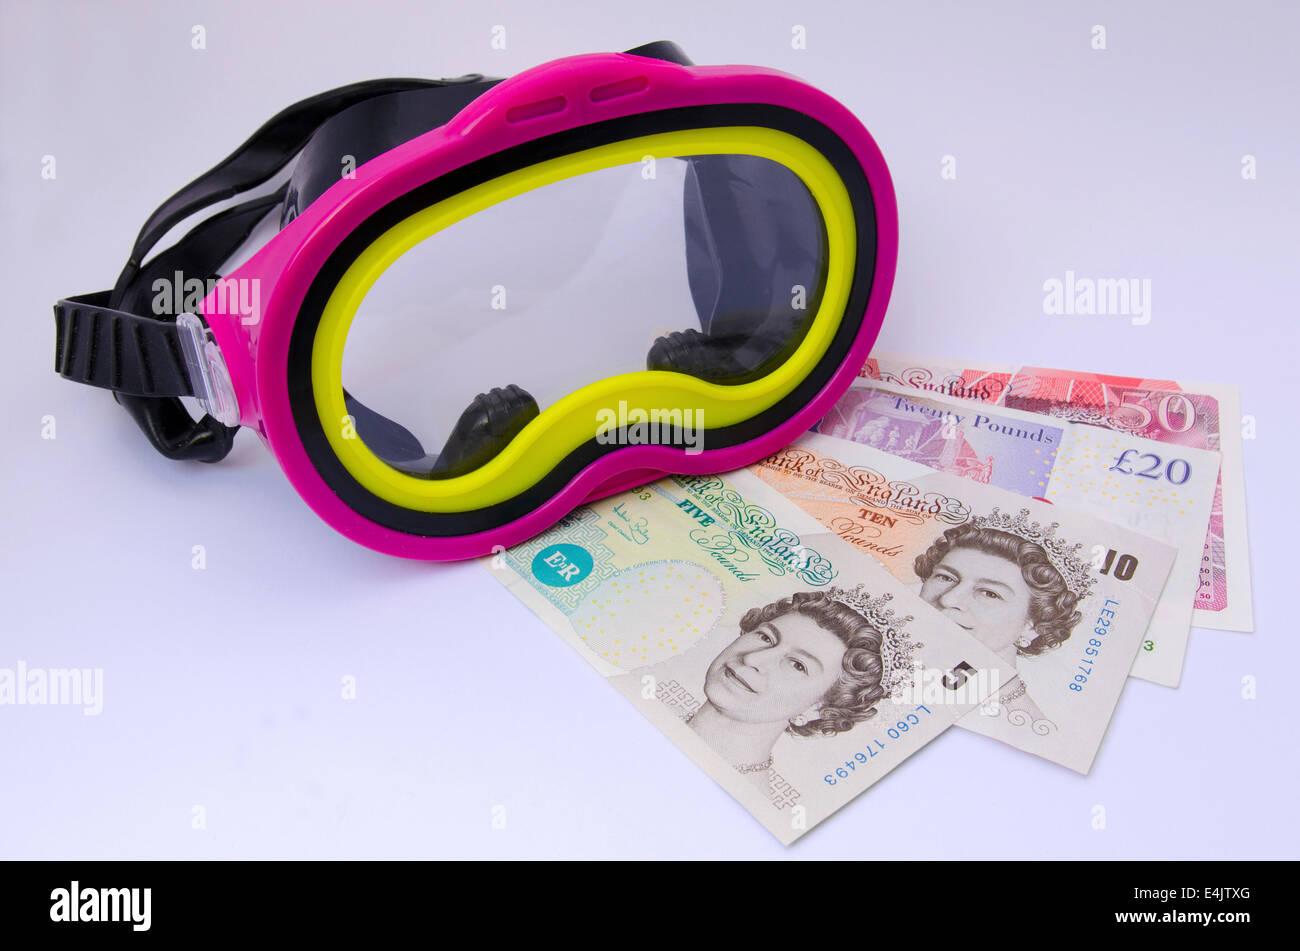 Máscara de Snorkel con British Pound notas sobre fondo blanco. Foto de stock